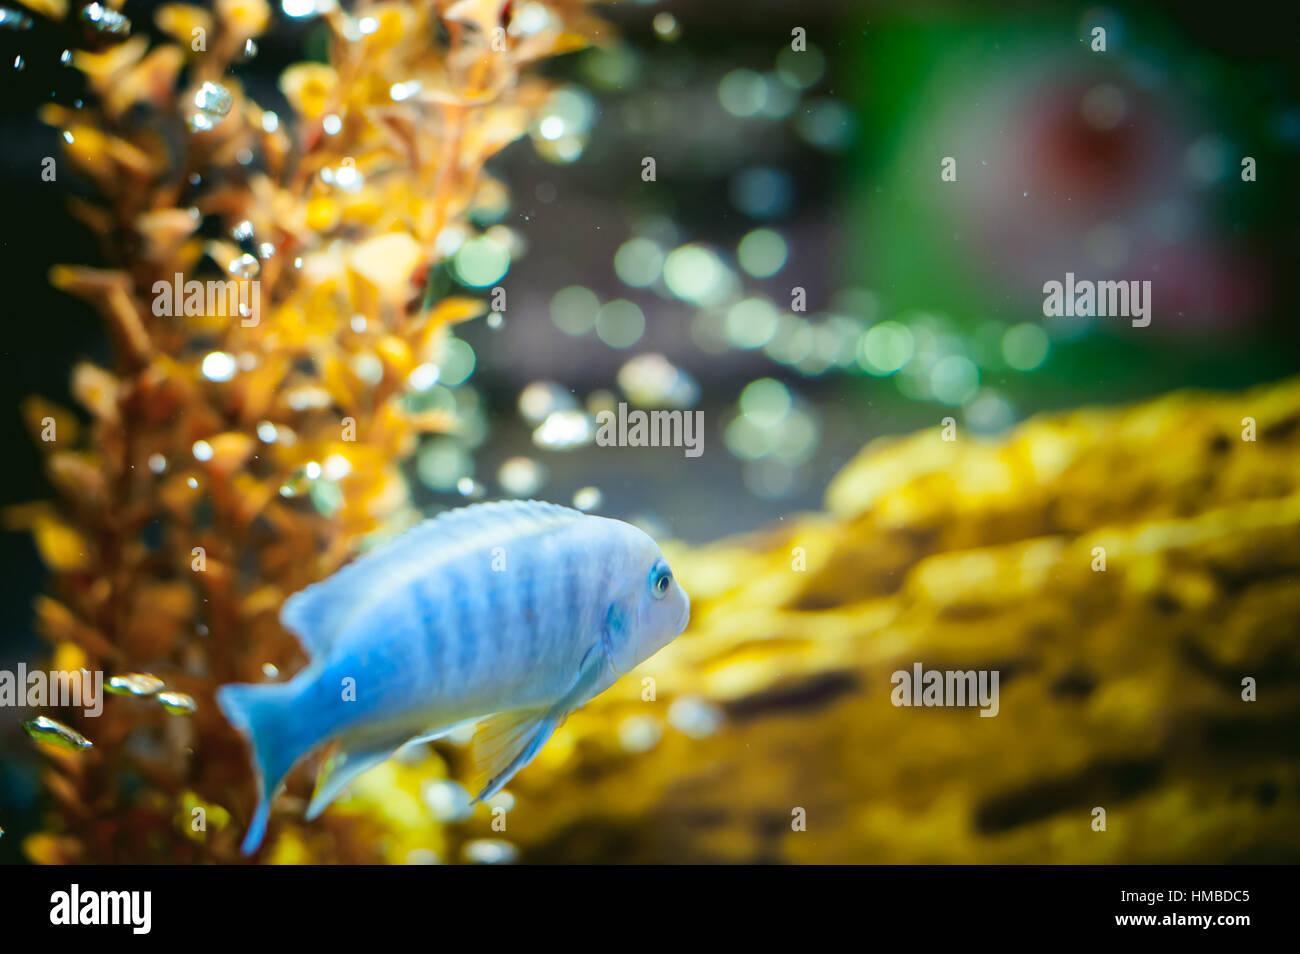 Pond fish rock stockfotos pond fish rock bilder alamy for Aquarium fische im teich